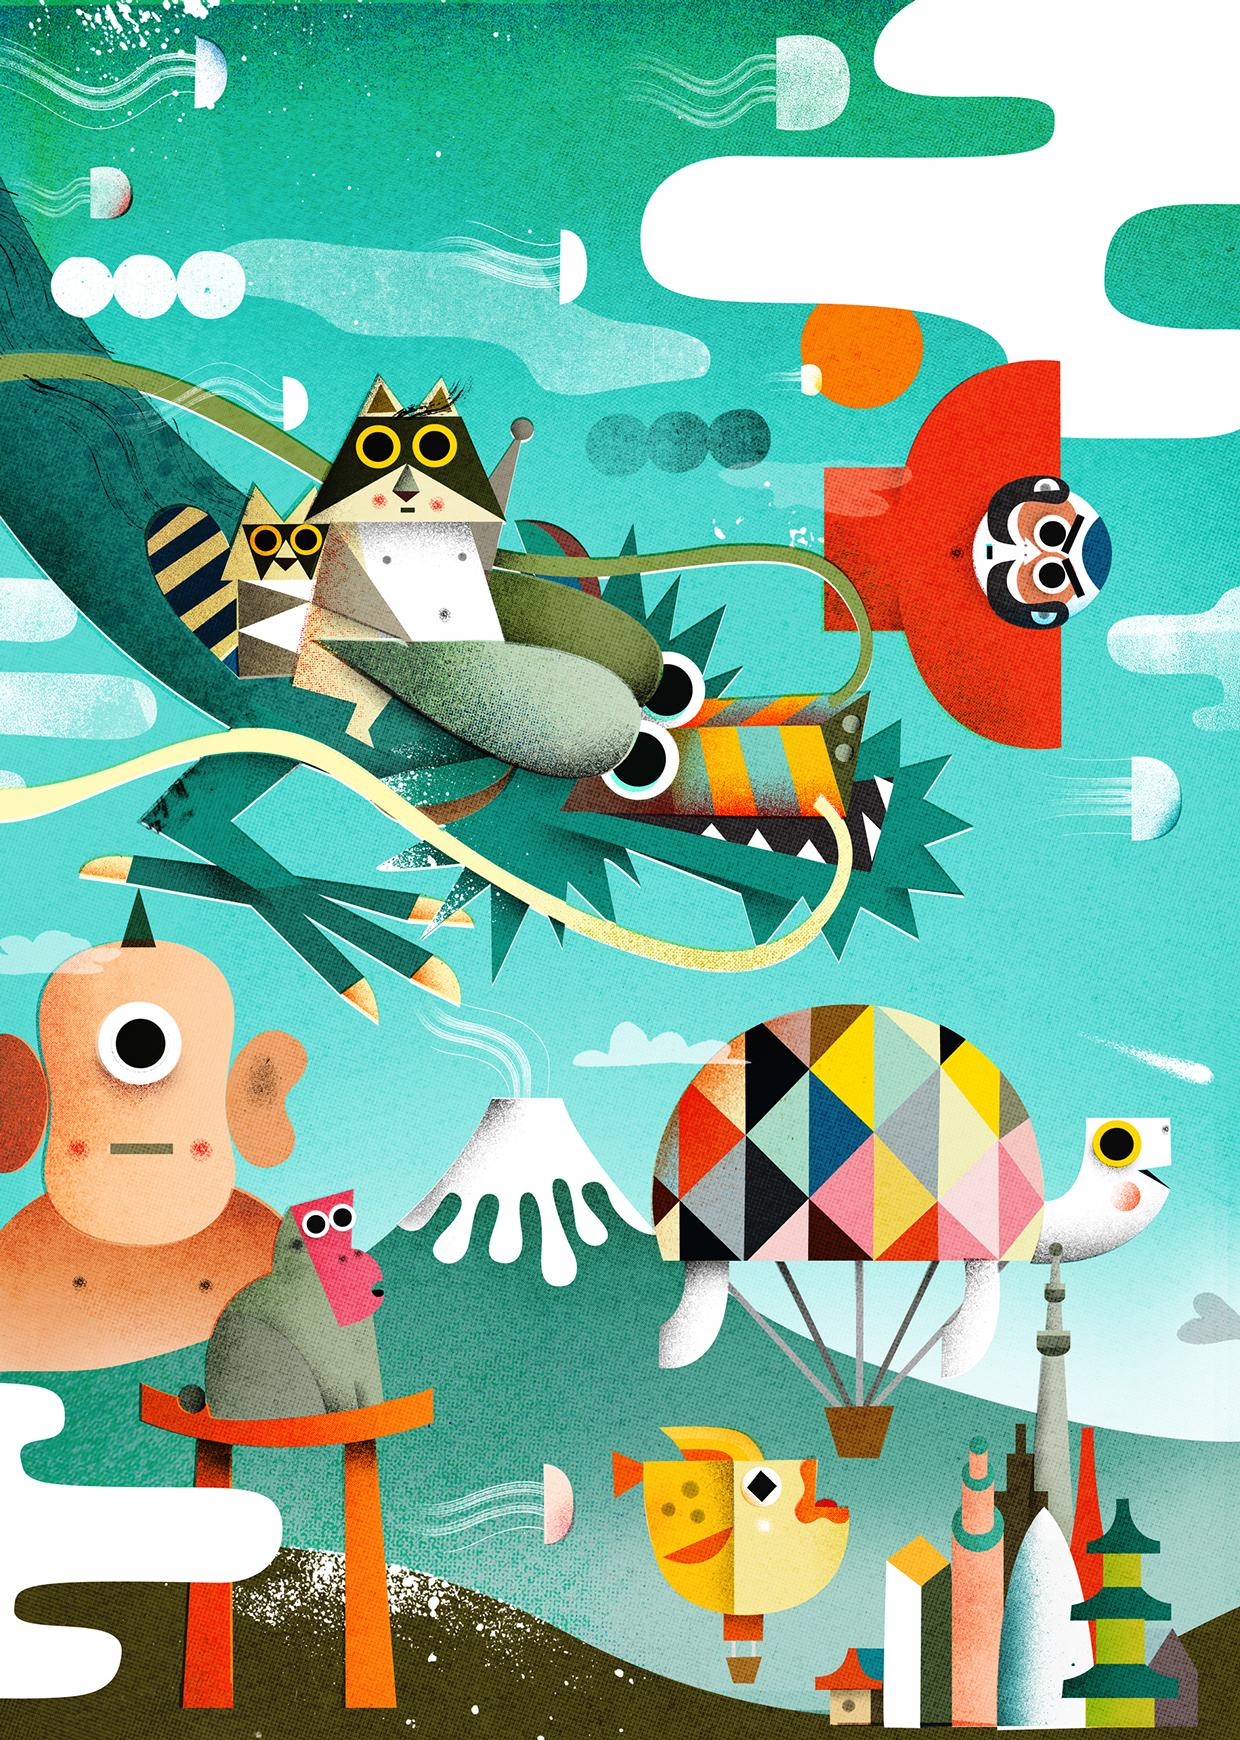 日本卡通画收集分享